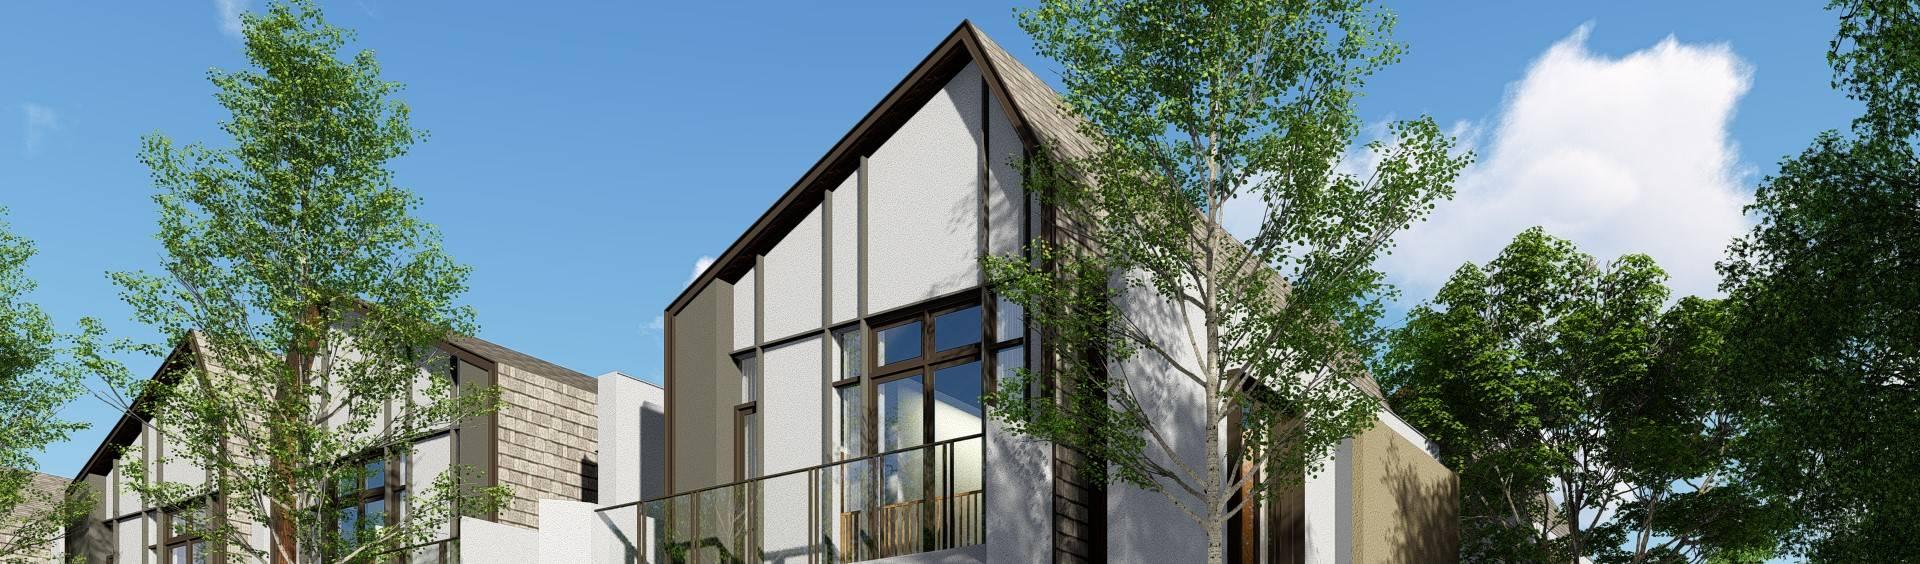 Bral Studio Architecture